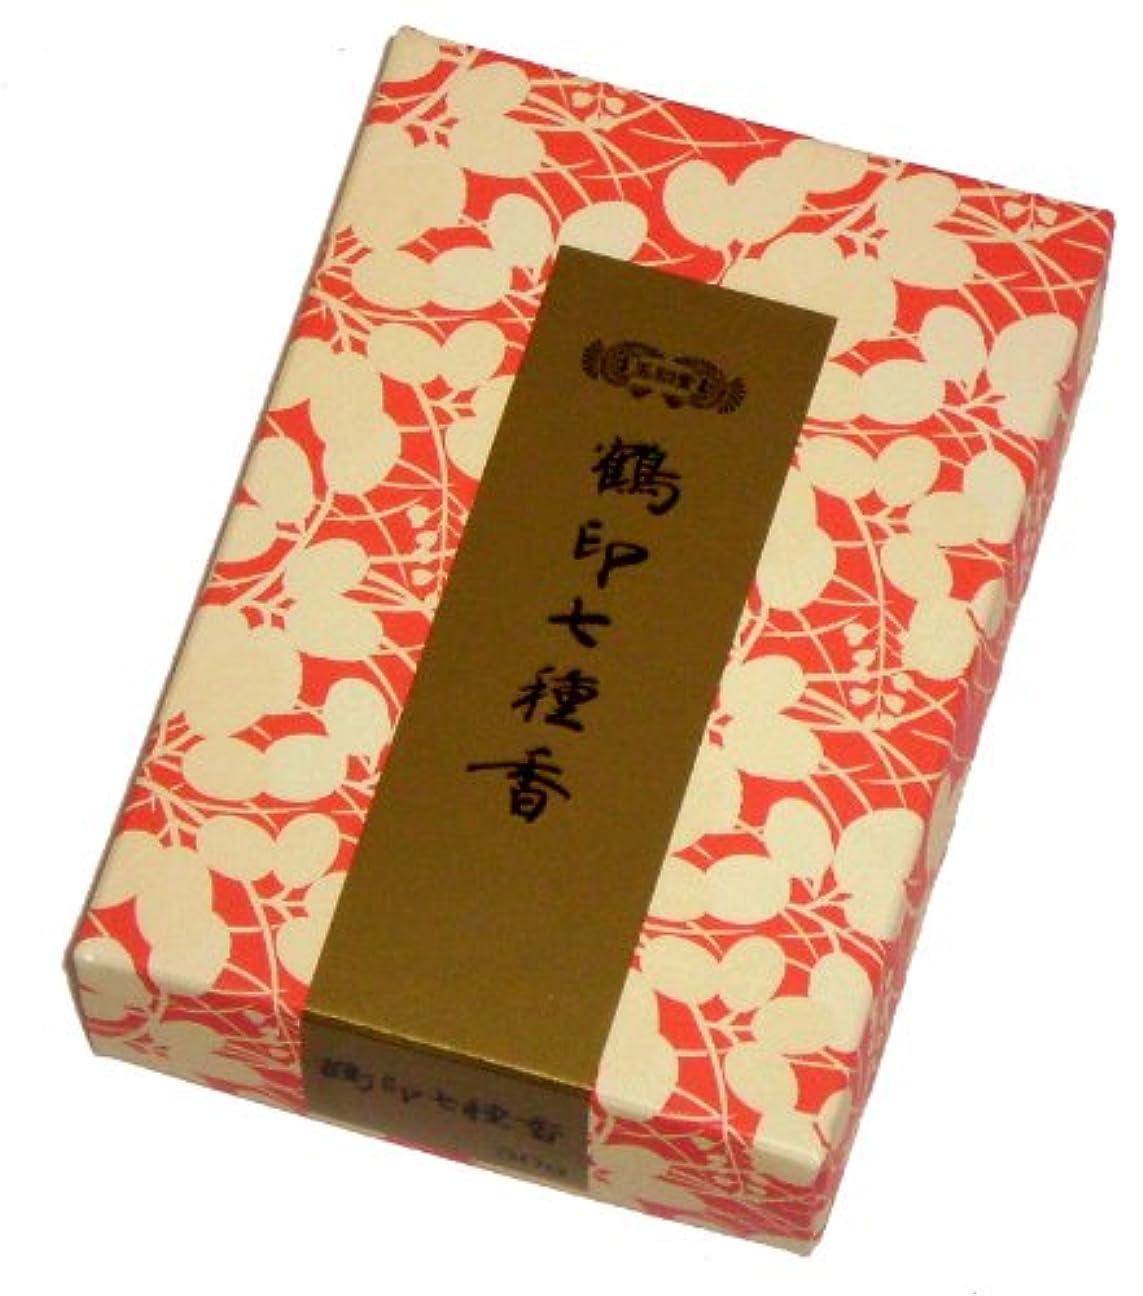 デュアル修正する関連付ける玉初堂のお香 鶴印七種香 30g #675